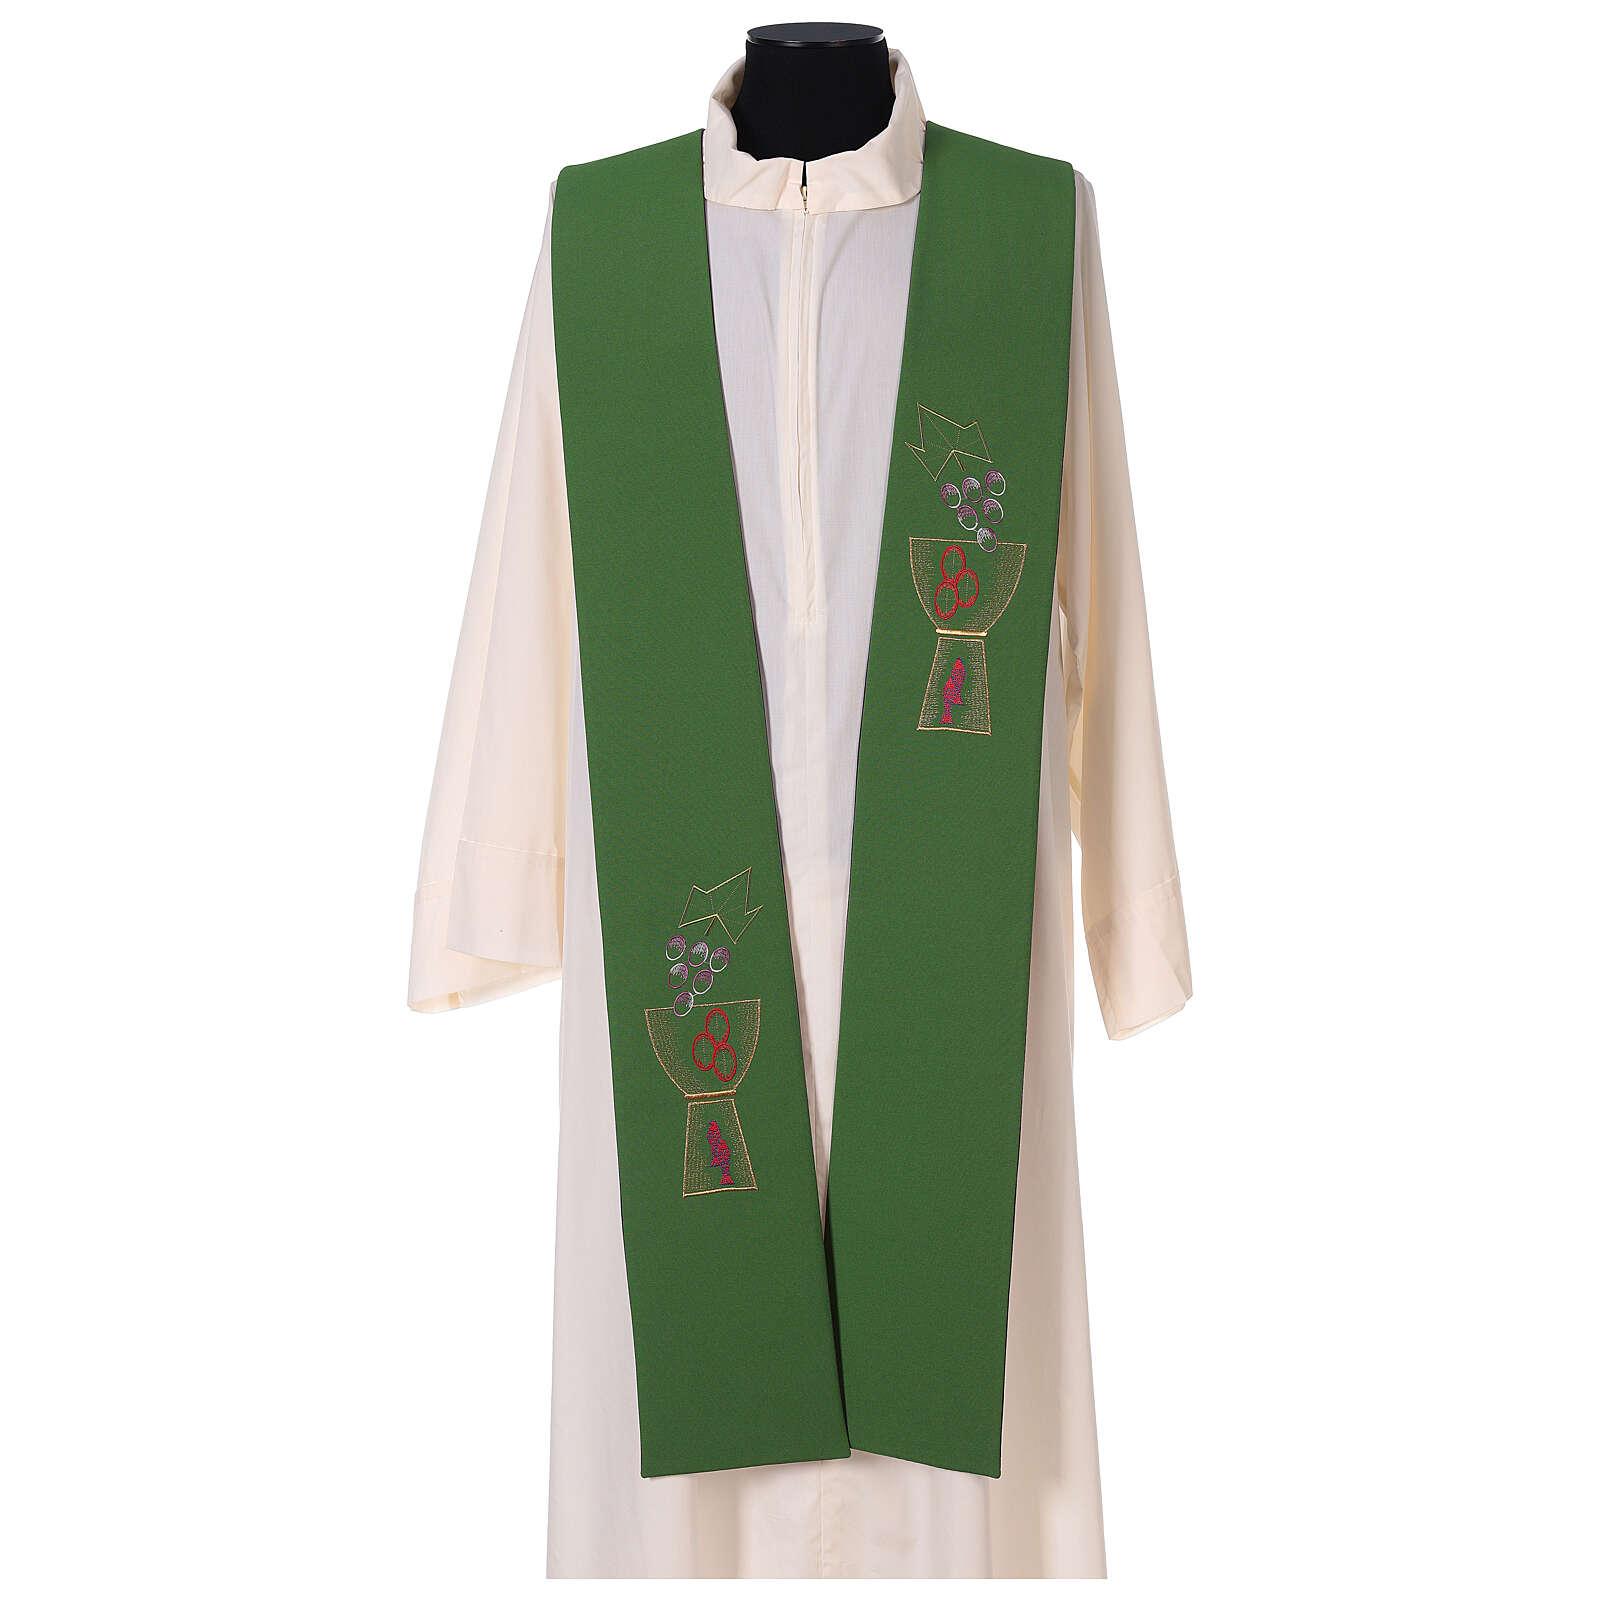 Étole liturgique calice et raisin bicolore verte et violette 100% polyester 4